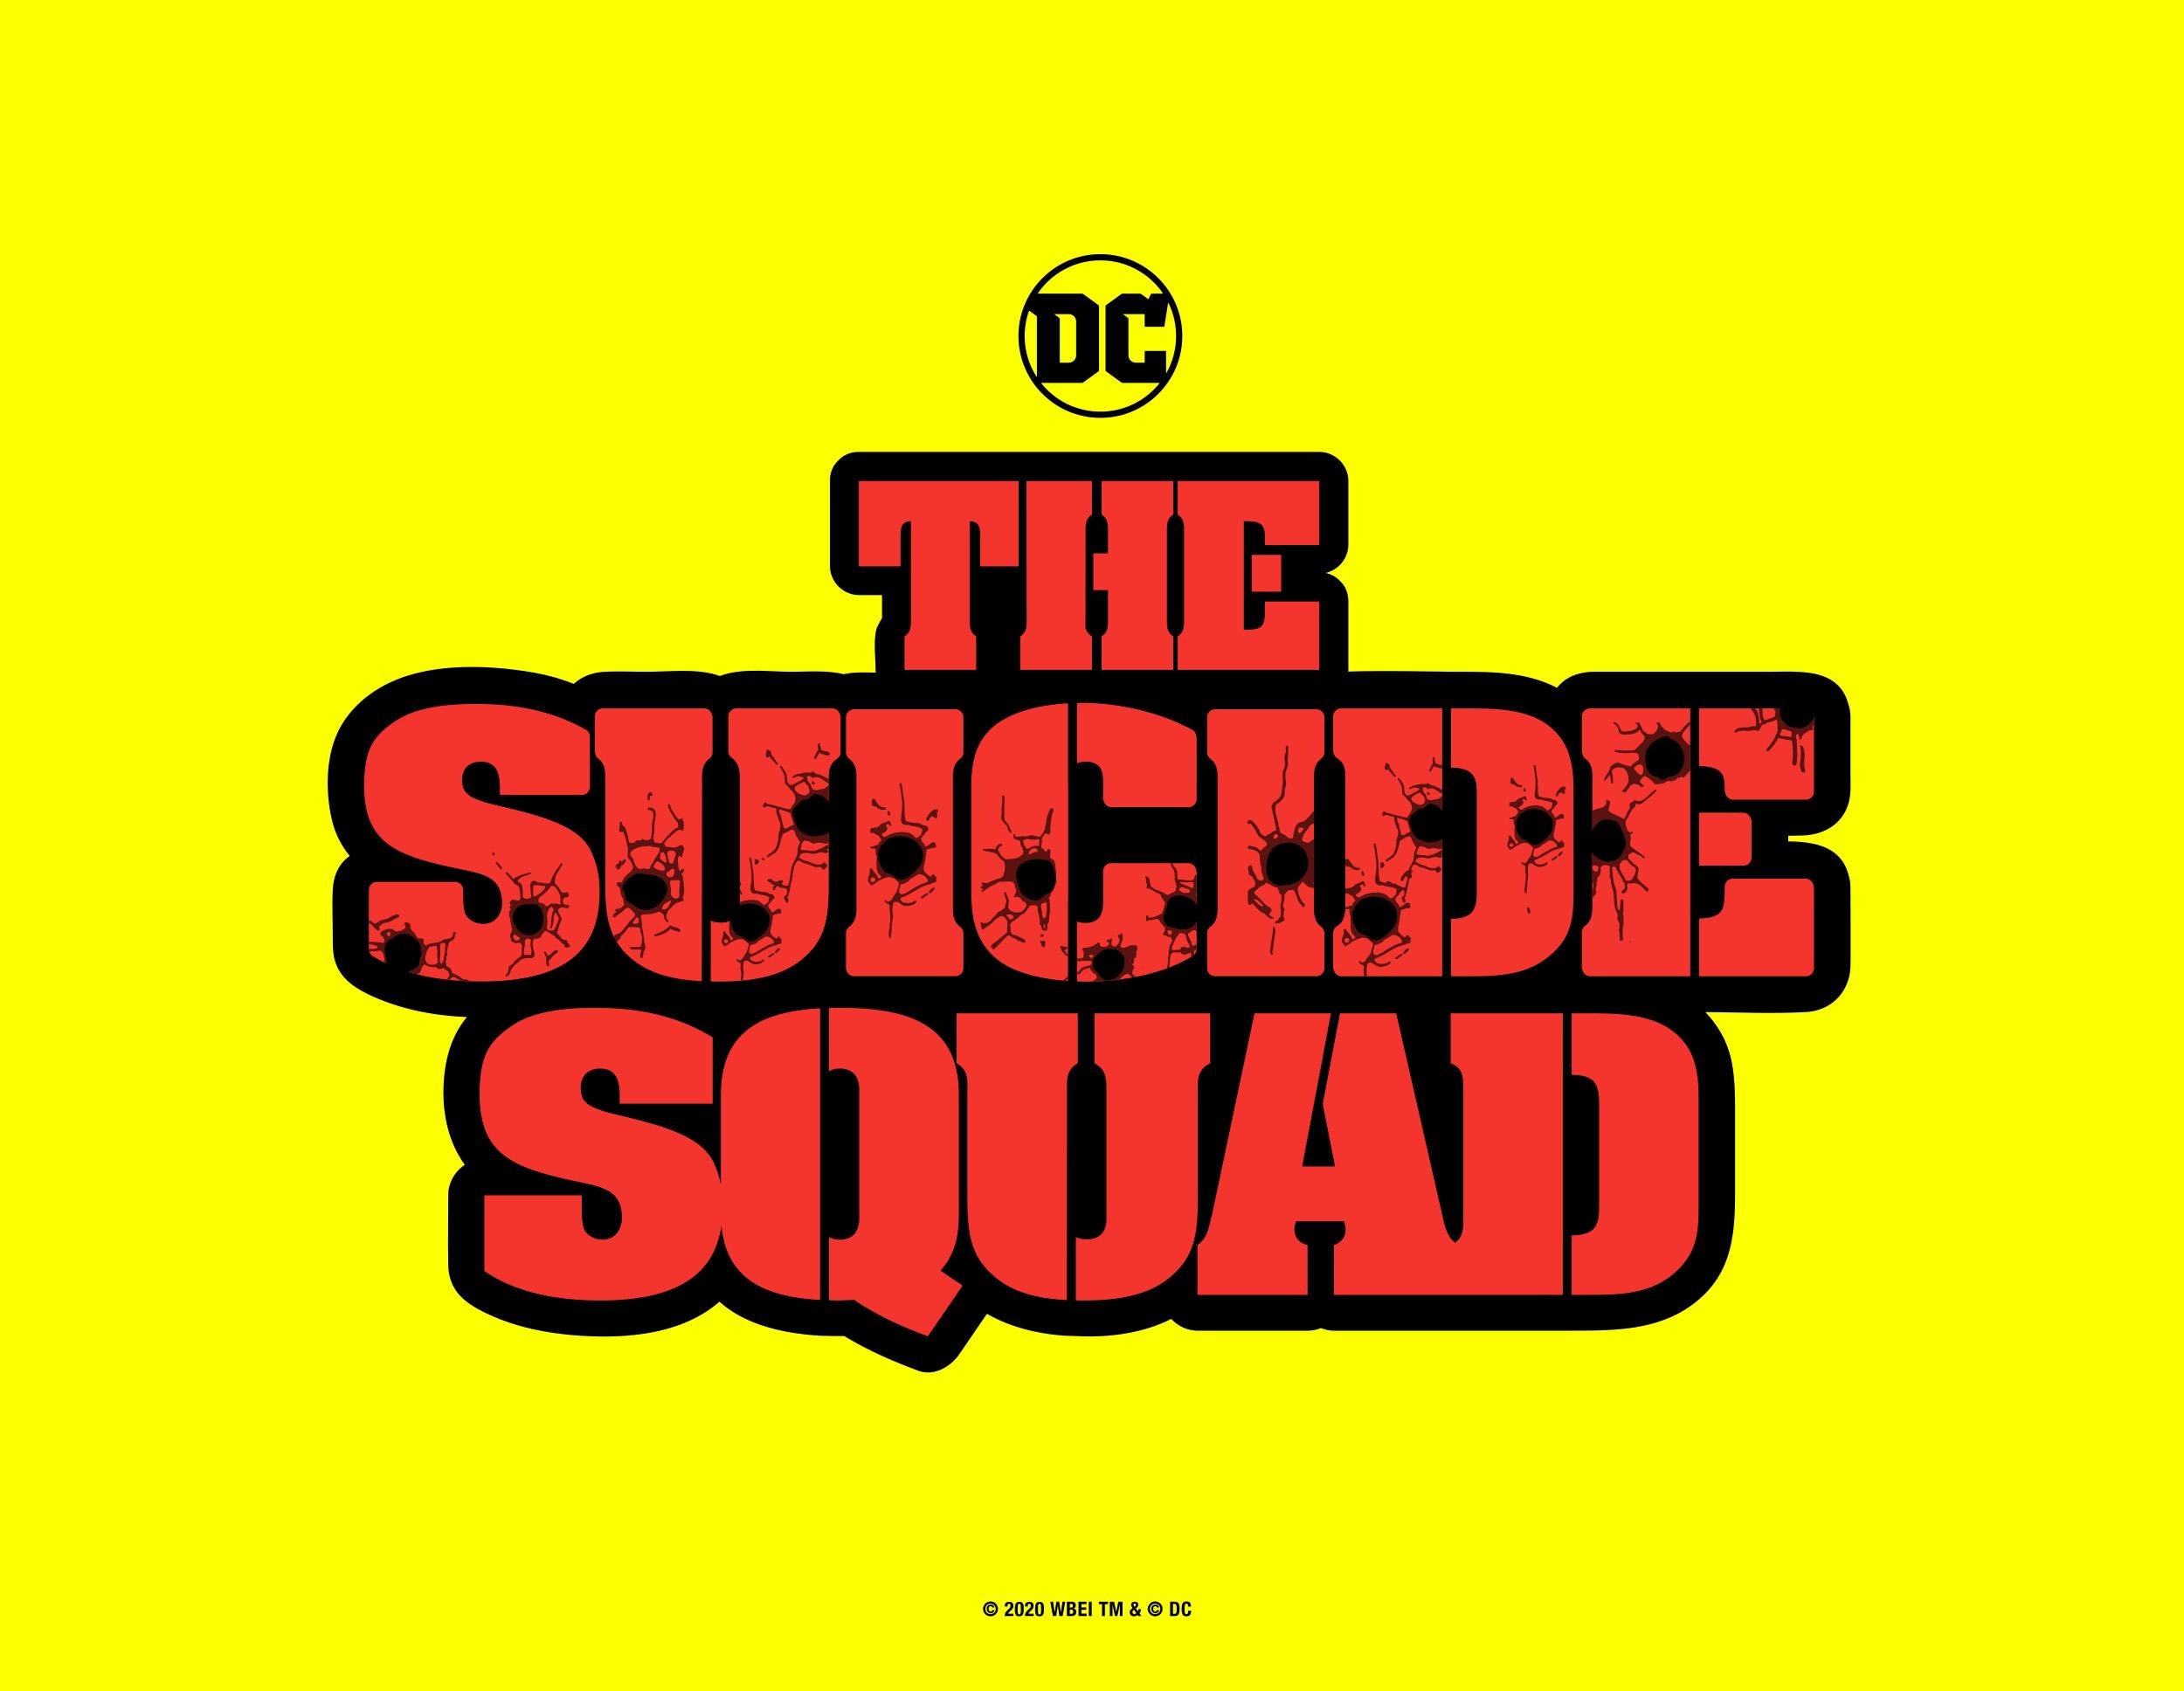 DC FanDome 2020: The Suicide Squad – folyamatosan frissül